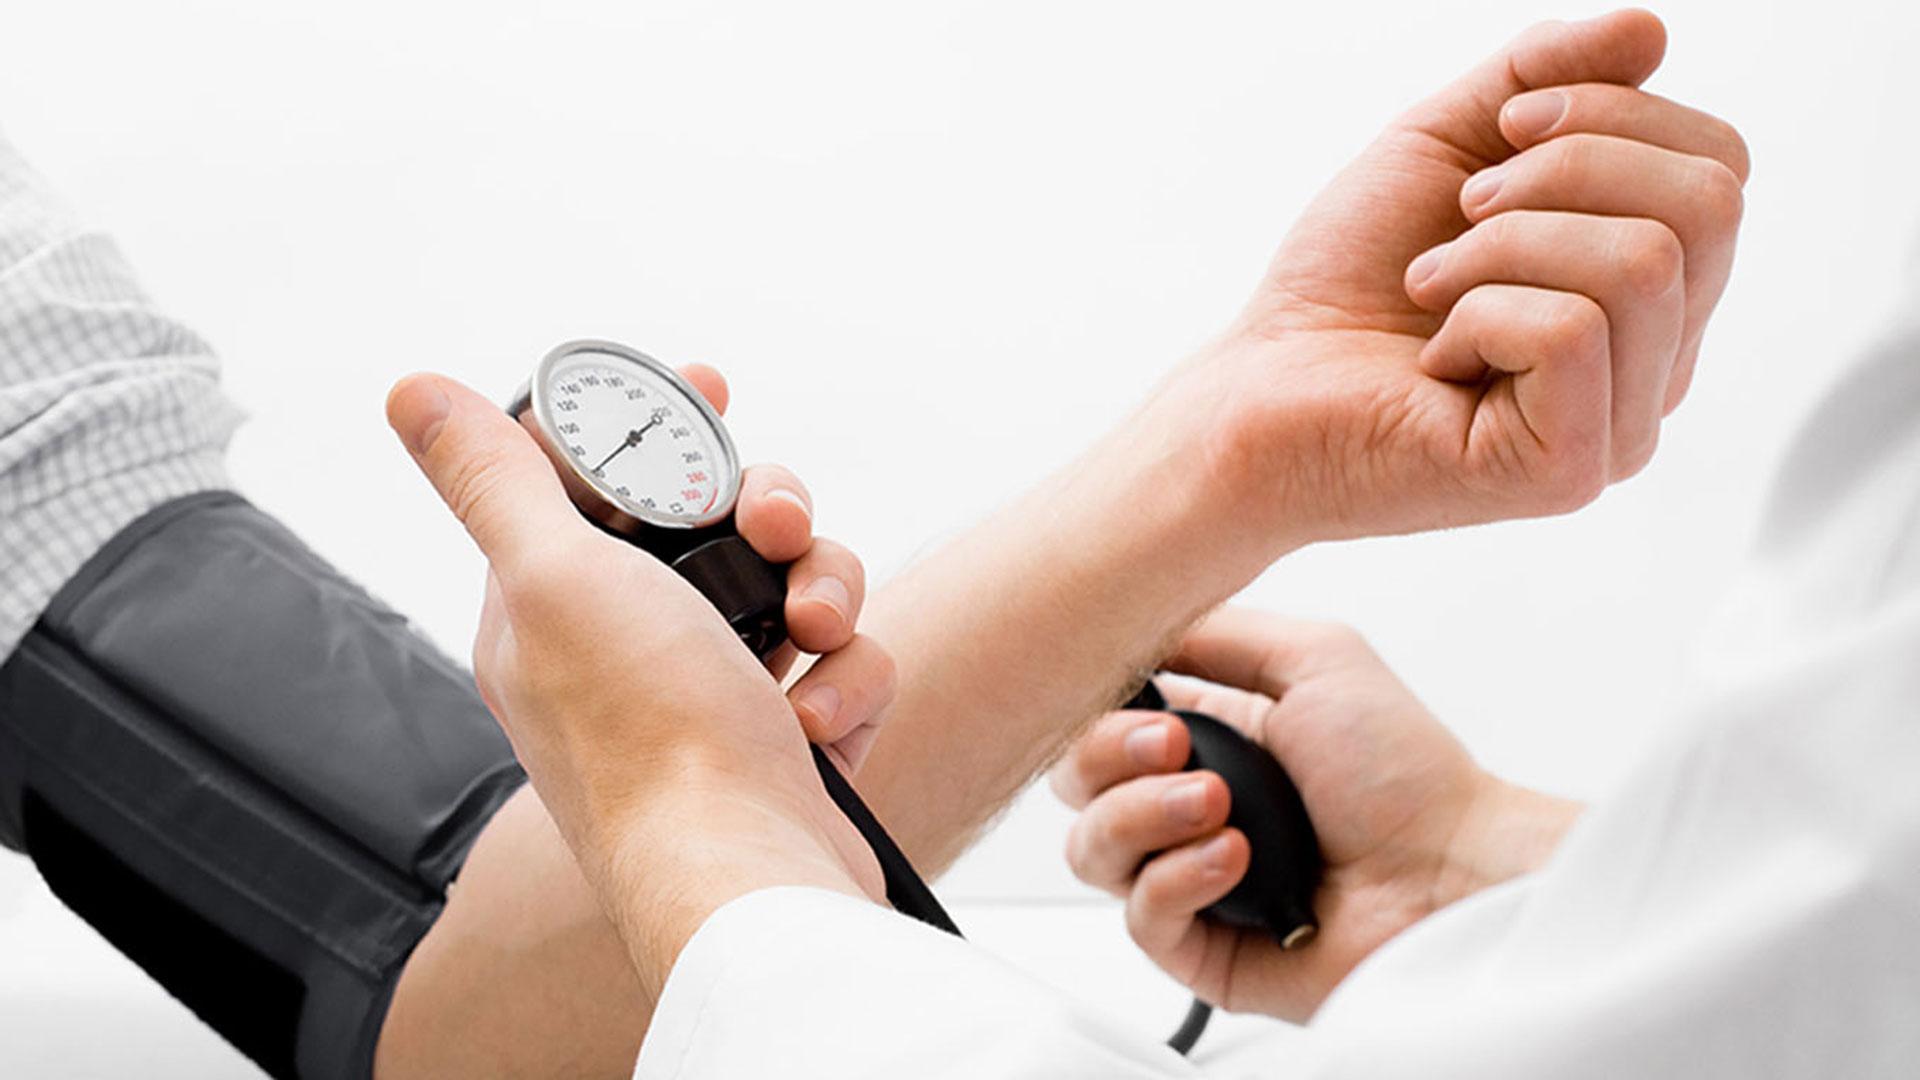 Cuánto más alta es su presión arterial después de comer